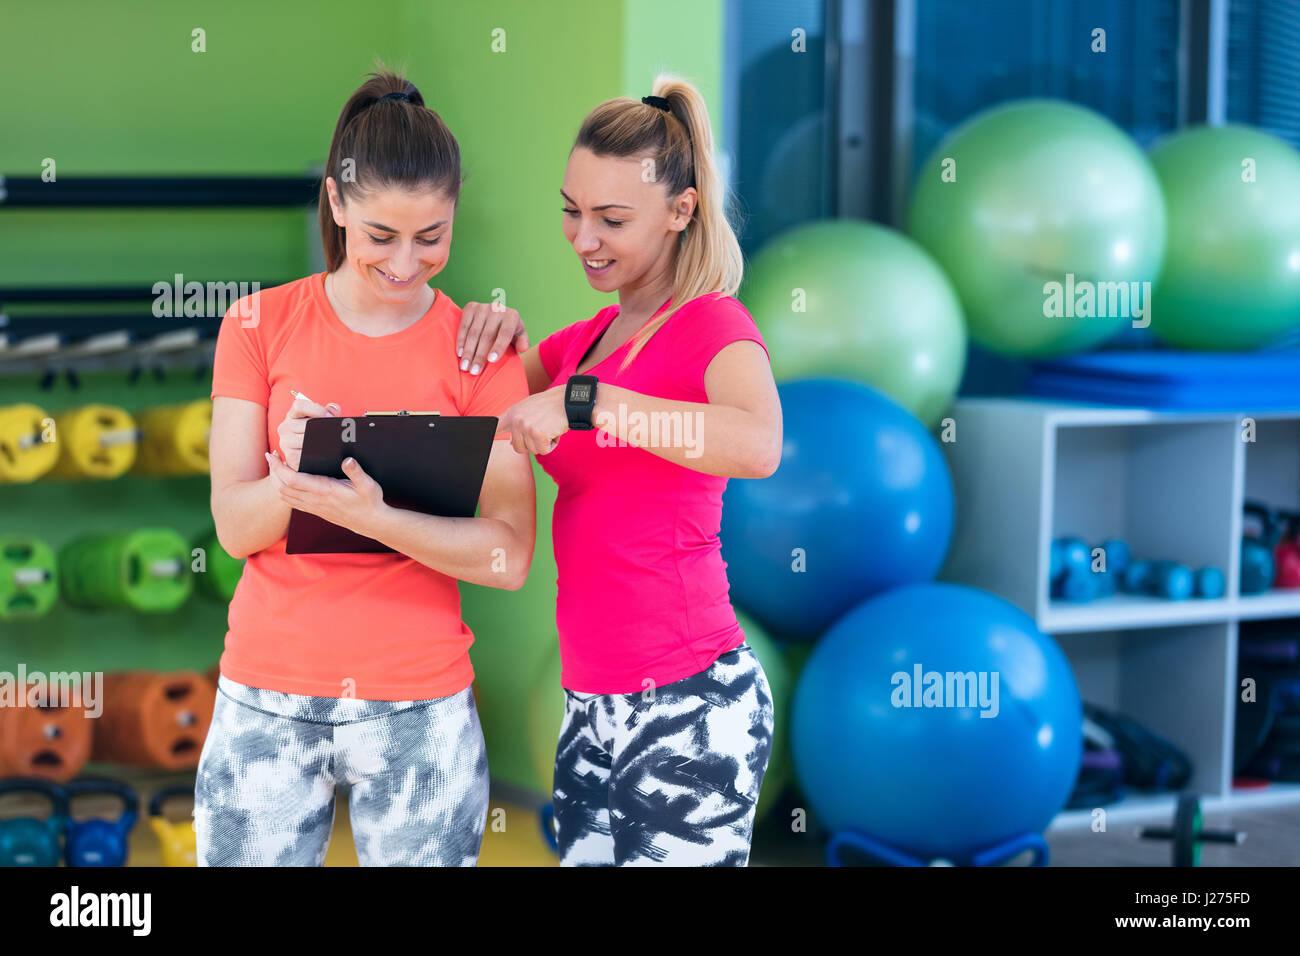 Deux jeunes femme jouissant de sa routine d'exercice dans la salle de sport de rire et sourire Photo Stock